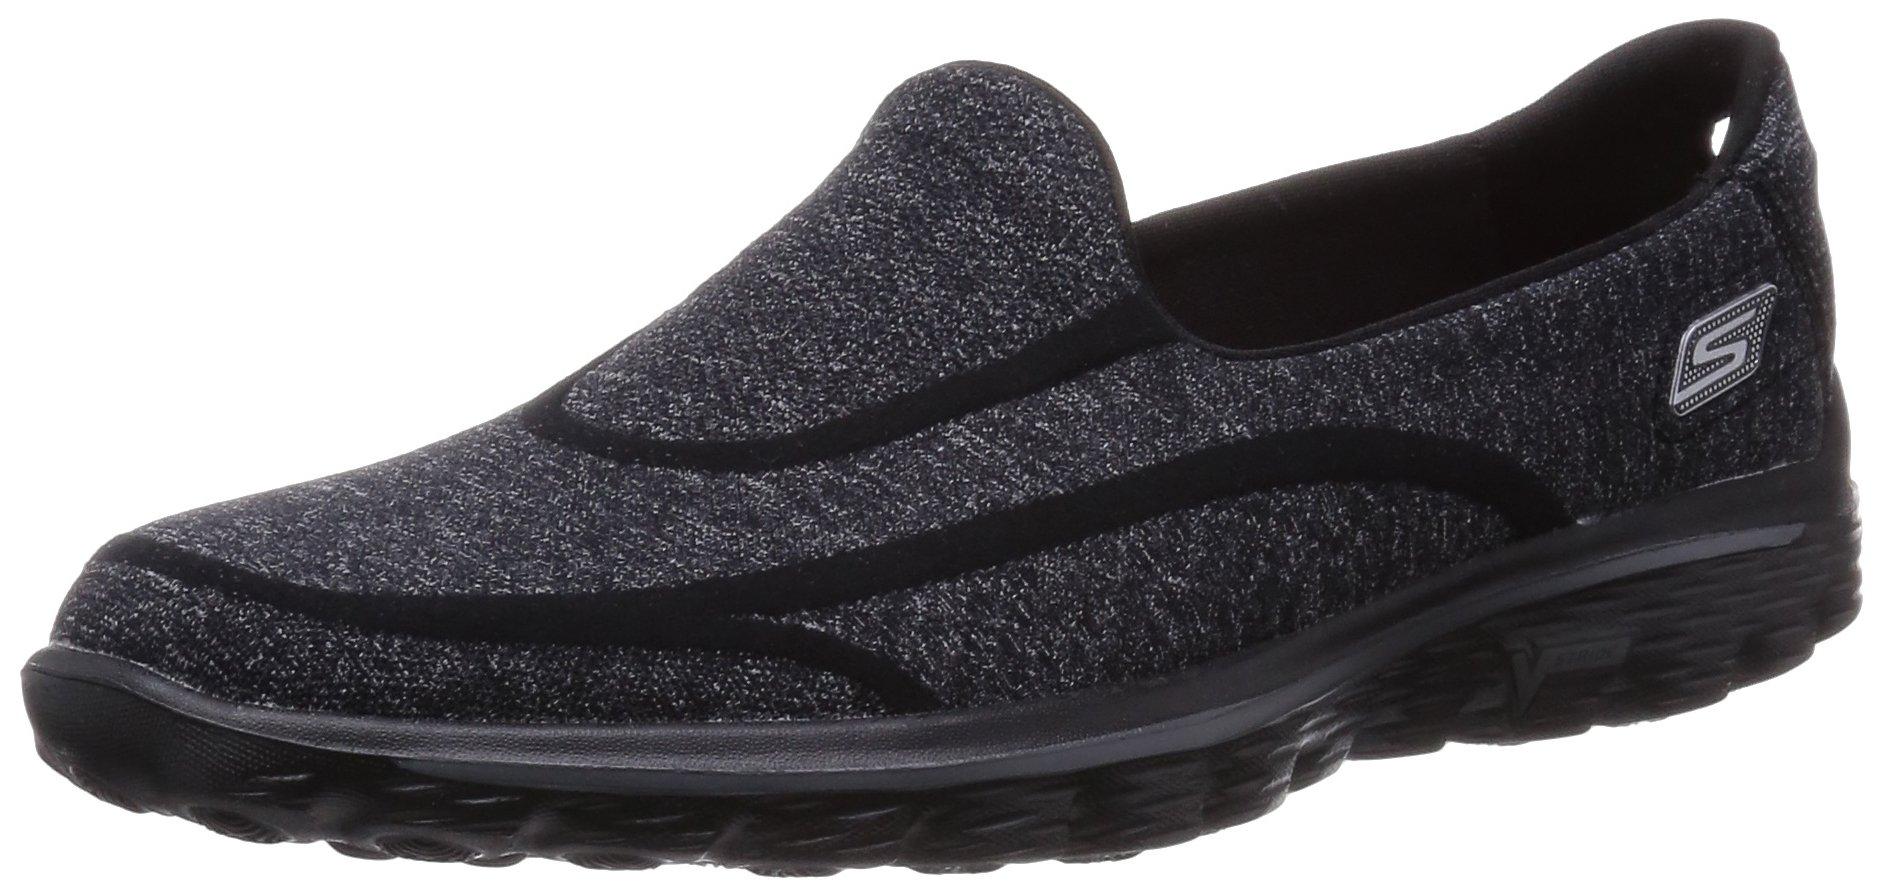 Skechers Performance Women's Go Walk 2 Super Sock Slip-On Walking Shoe,Old Black,7.5 M US by Skechers